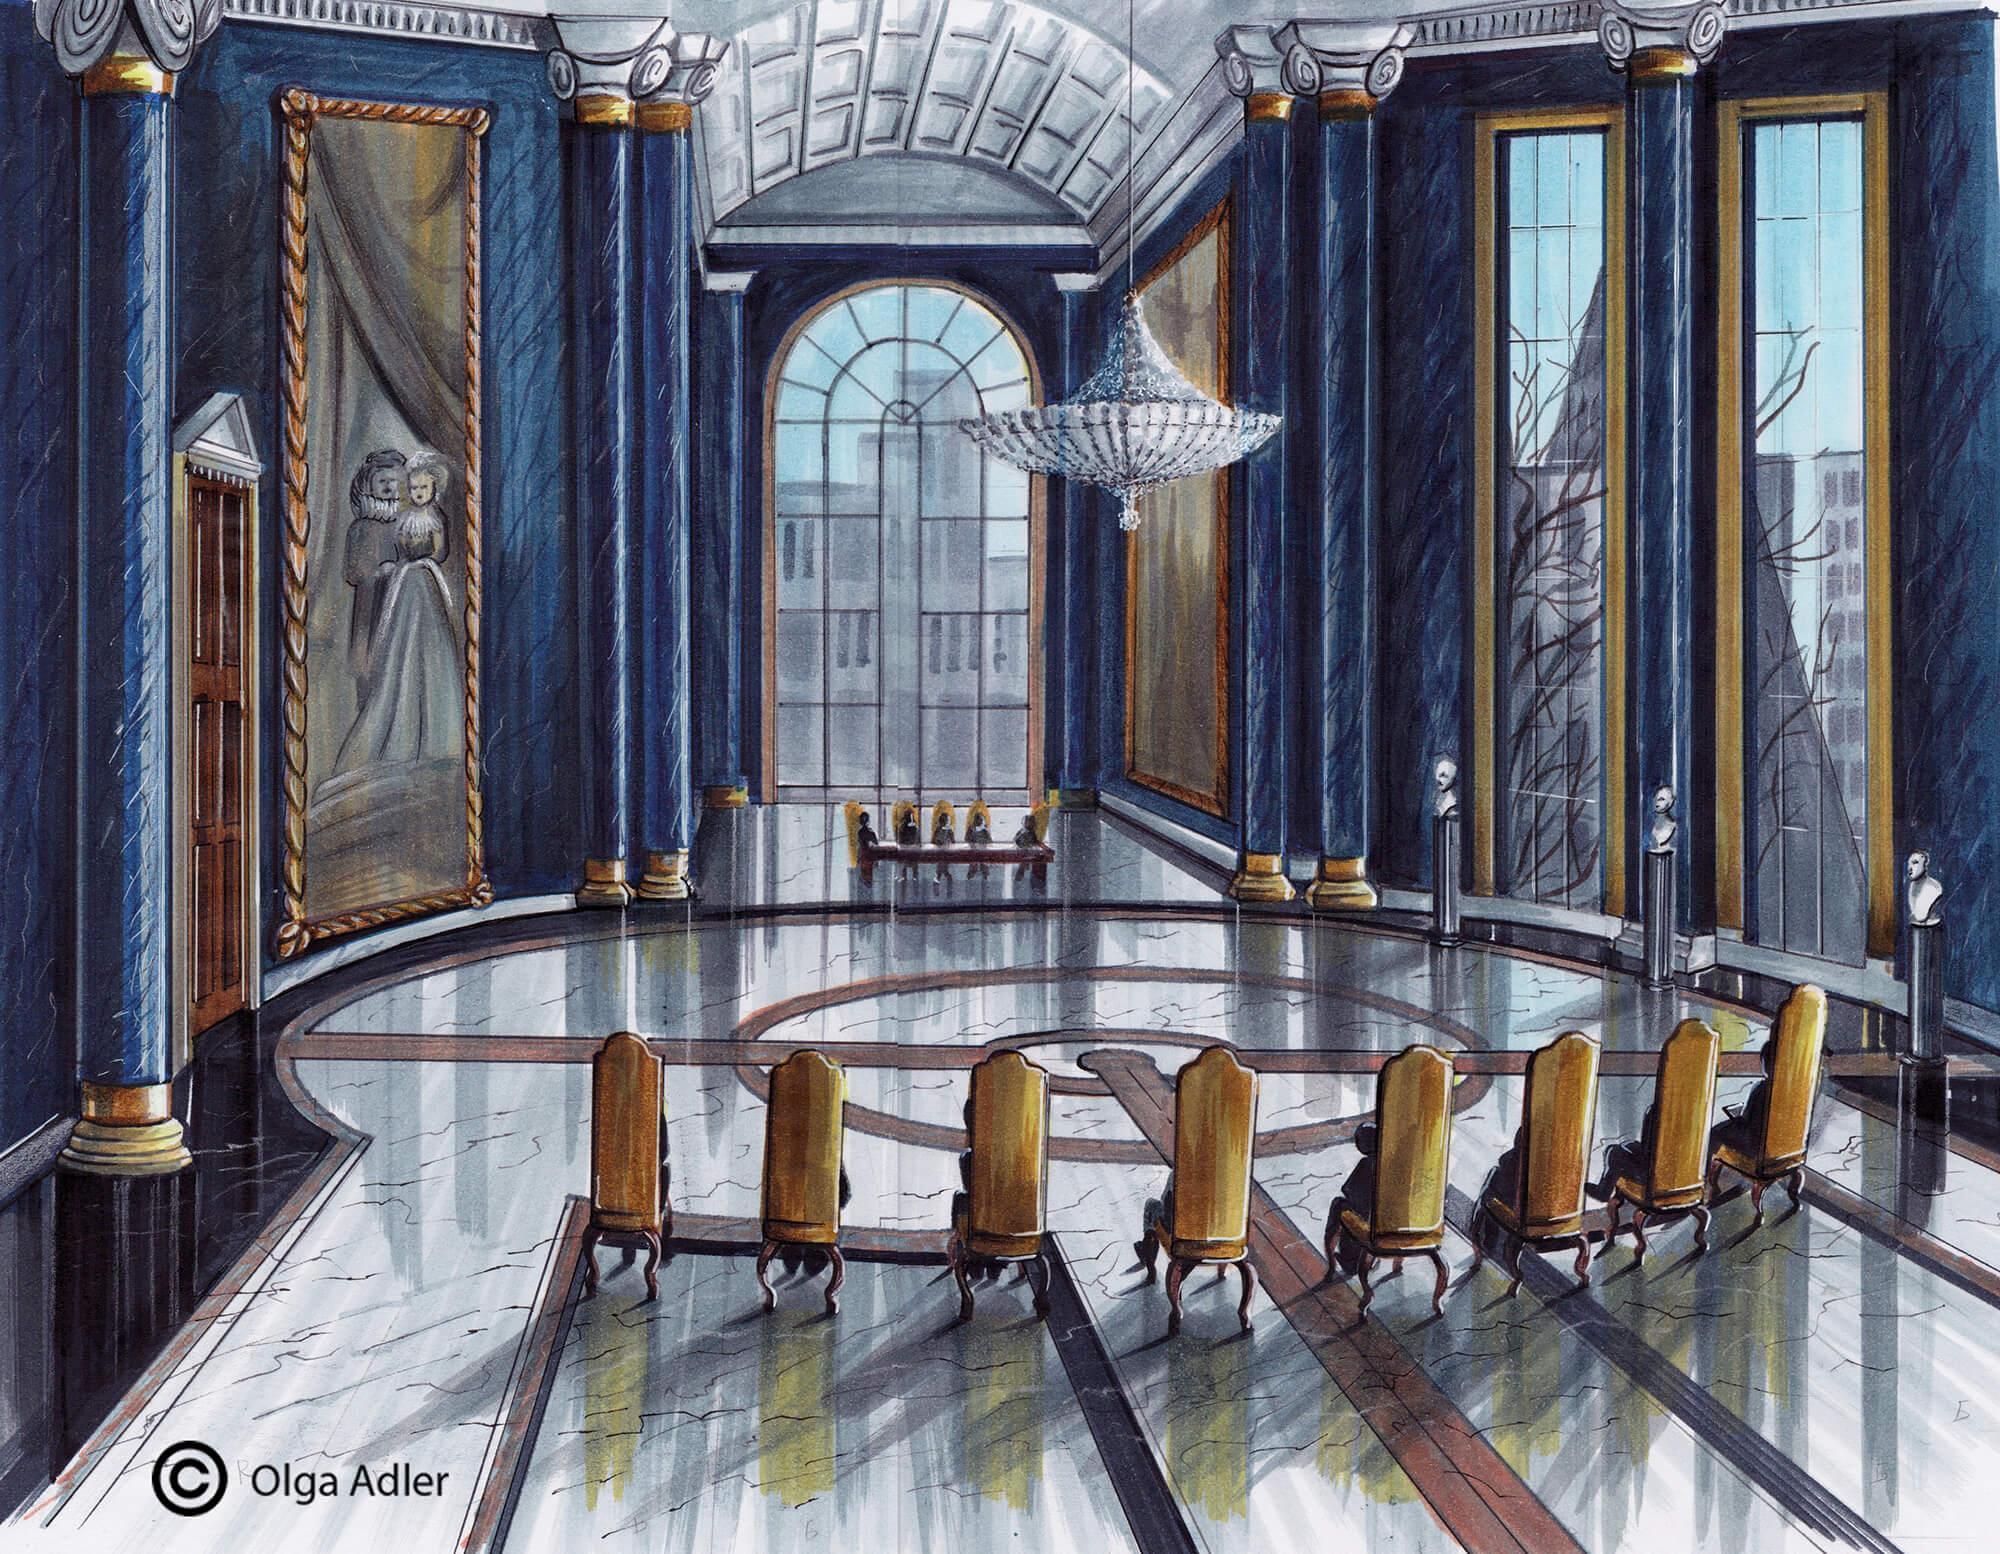 Zaal | Interior Sketch